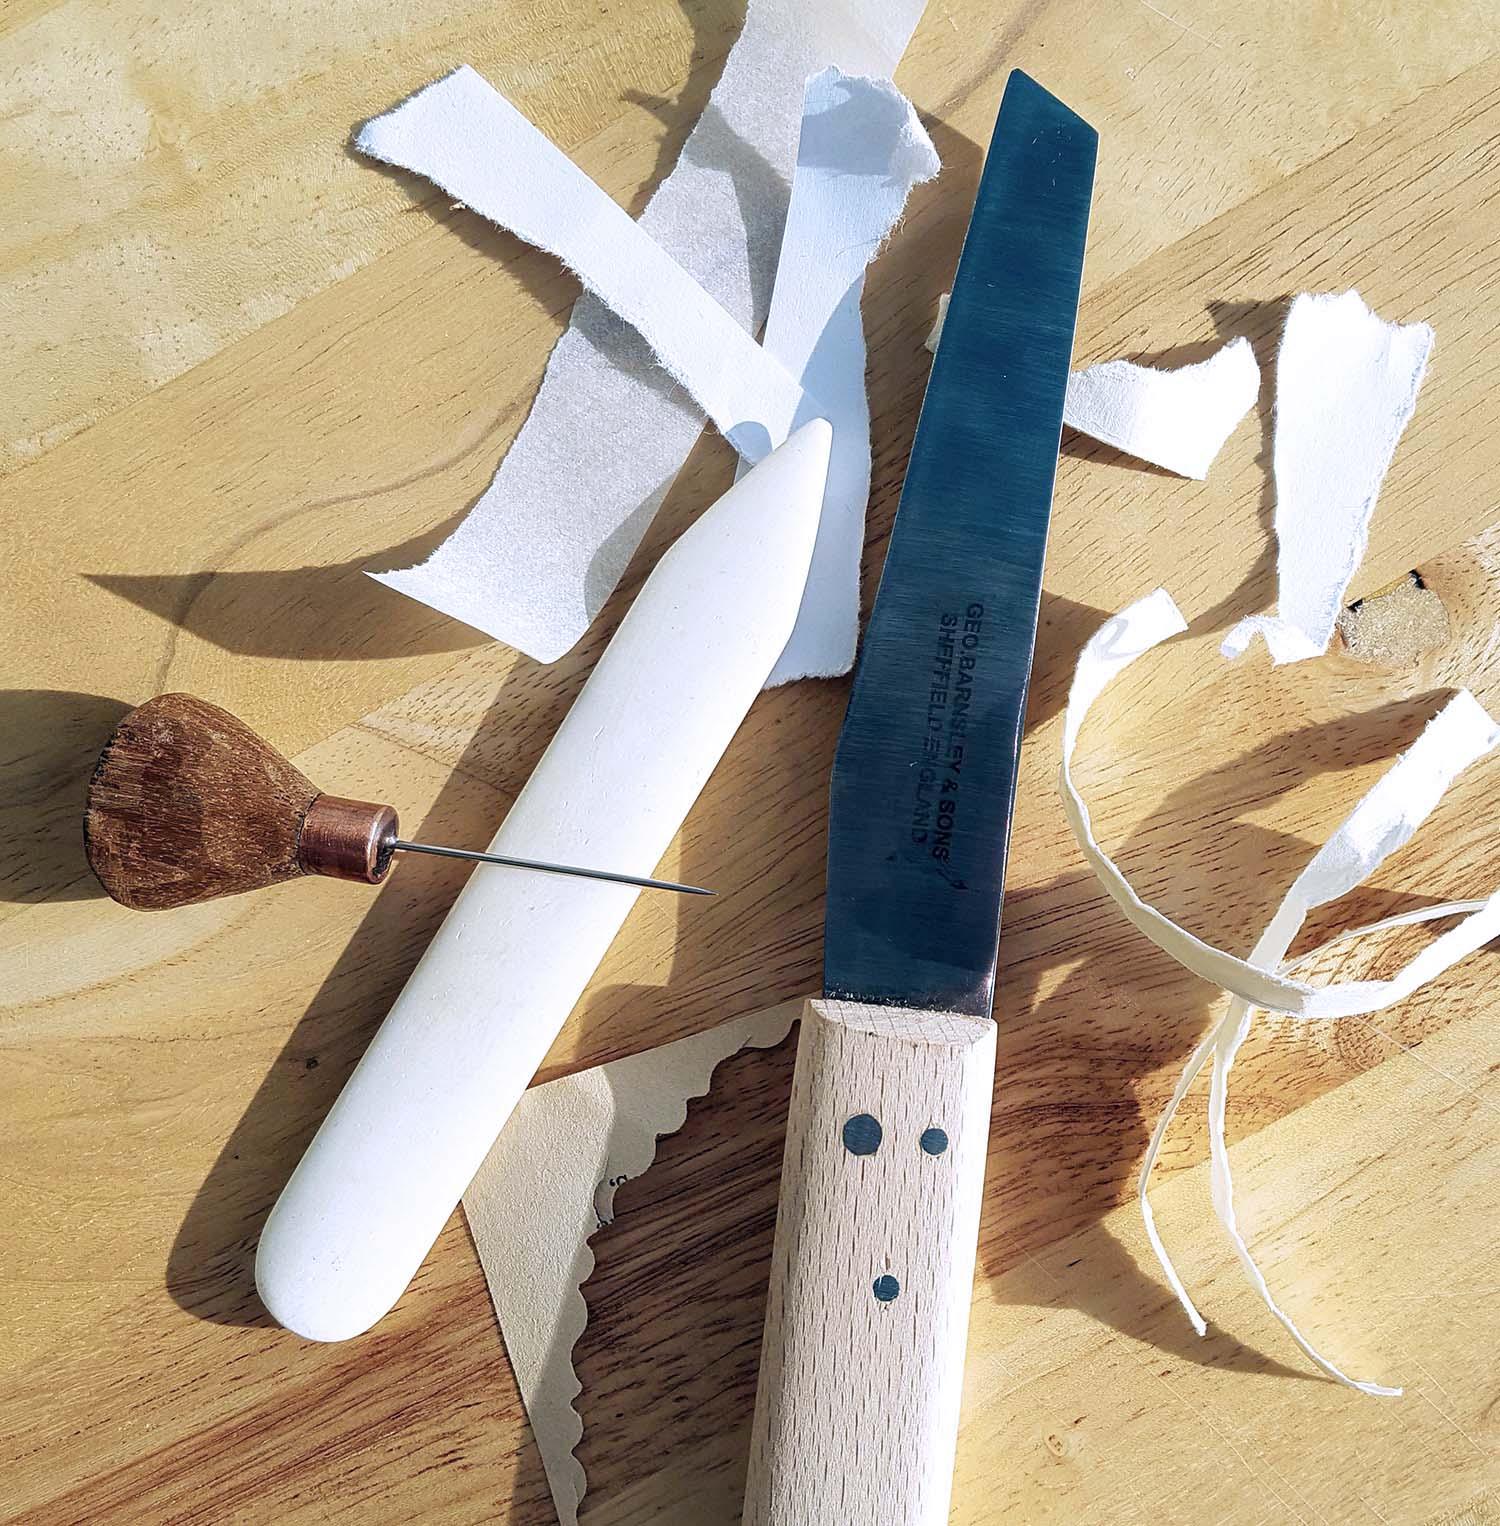 Book Art tools, Lumb Bank, October 16